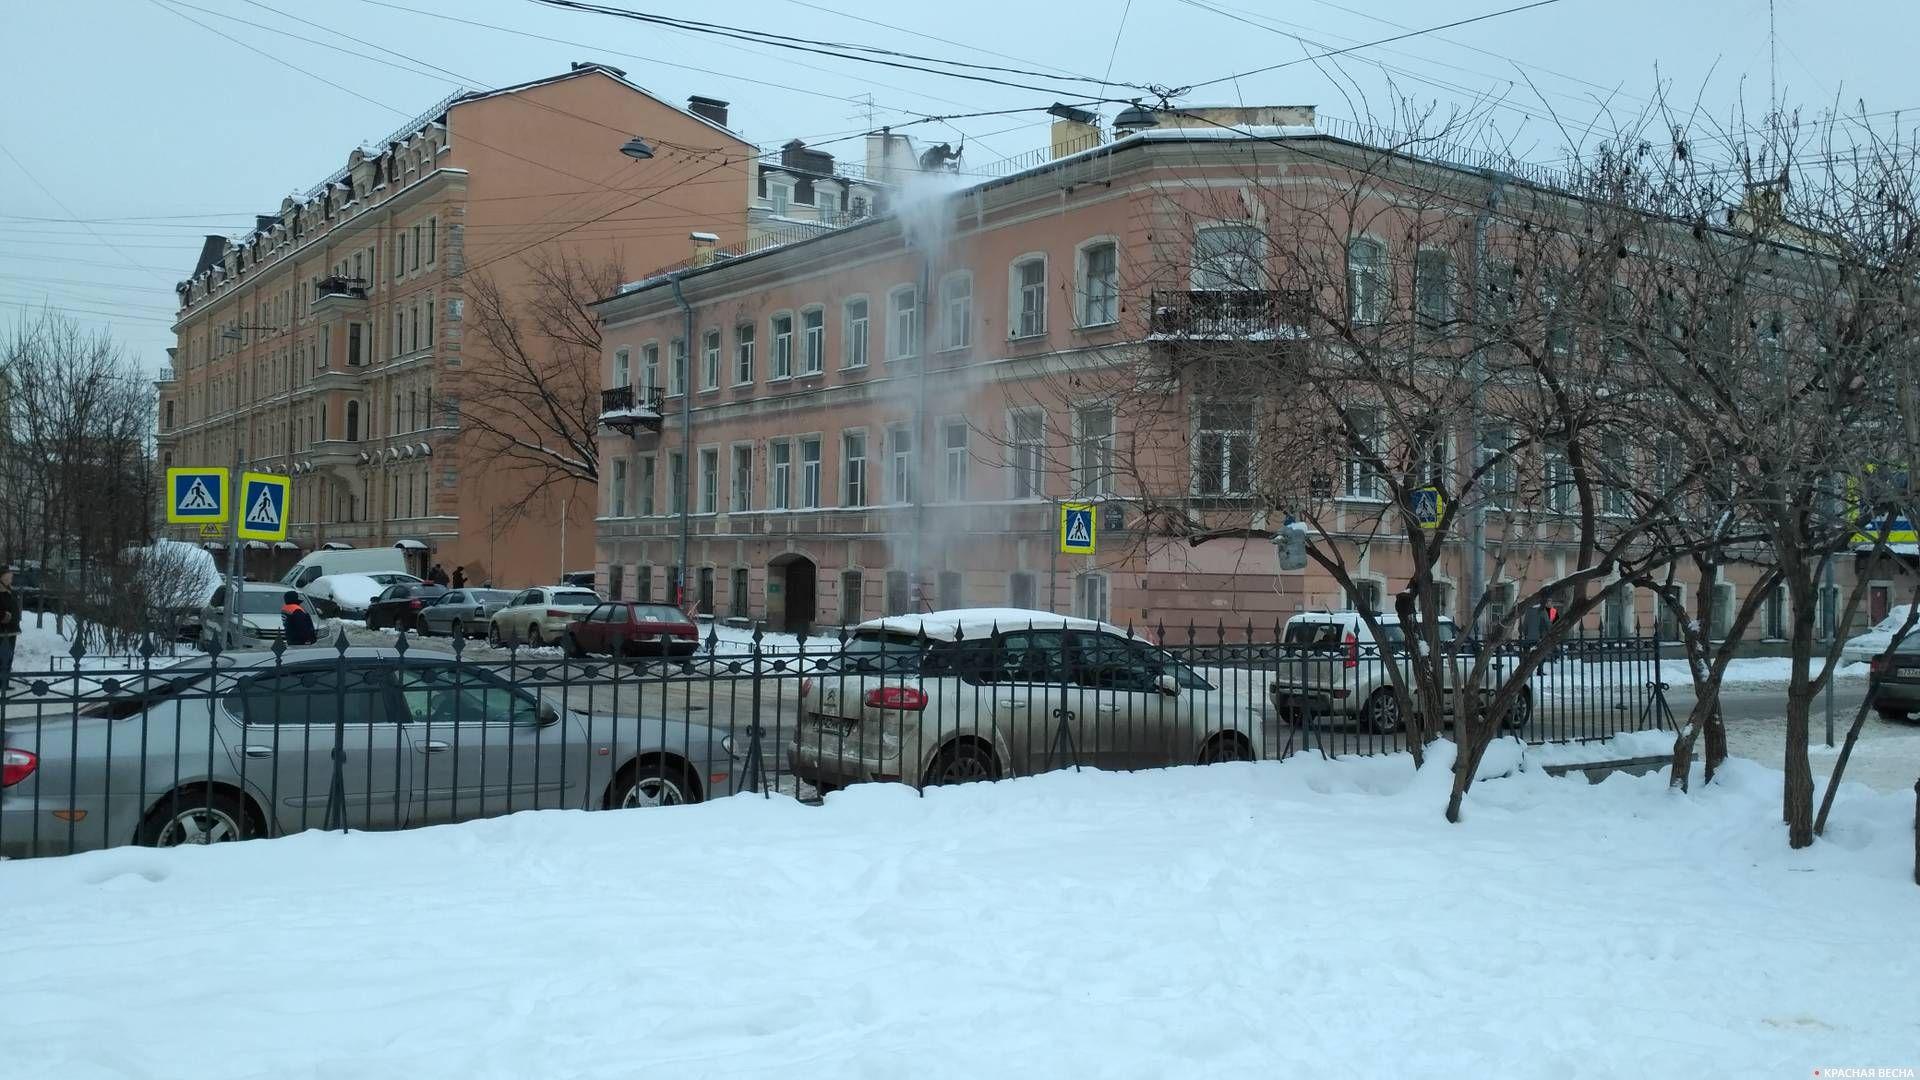 Крышу дома очищают ломом и воздуходувкой. Адмиралтейский район, Санкт-Петербург